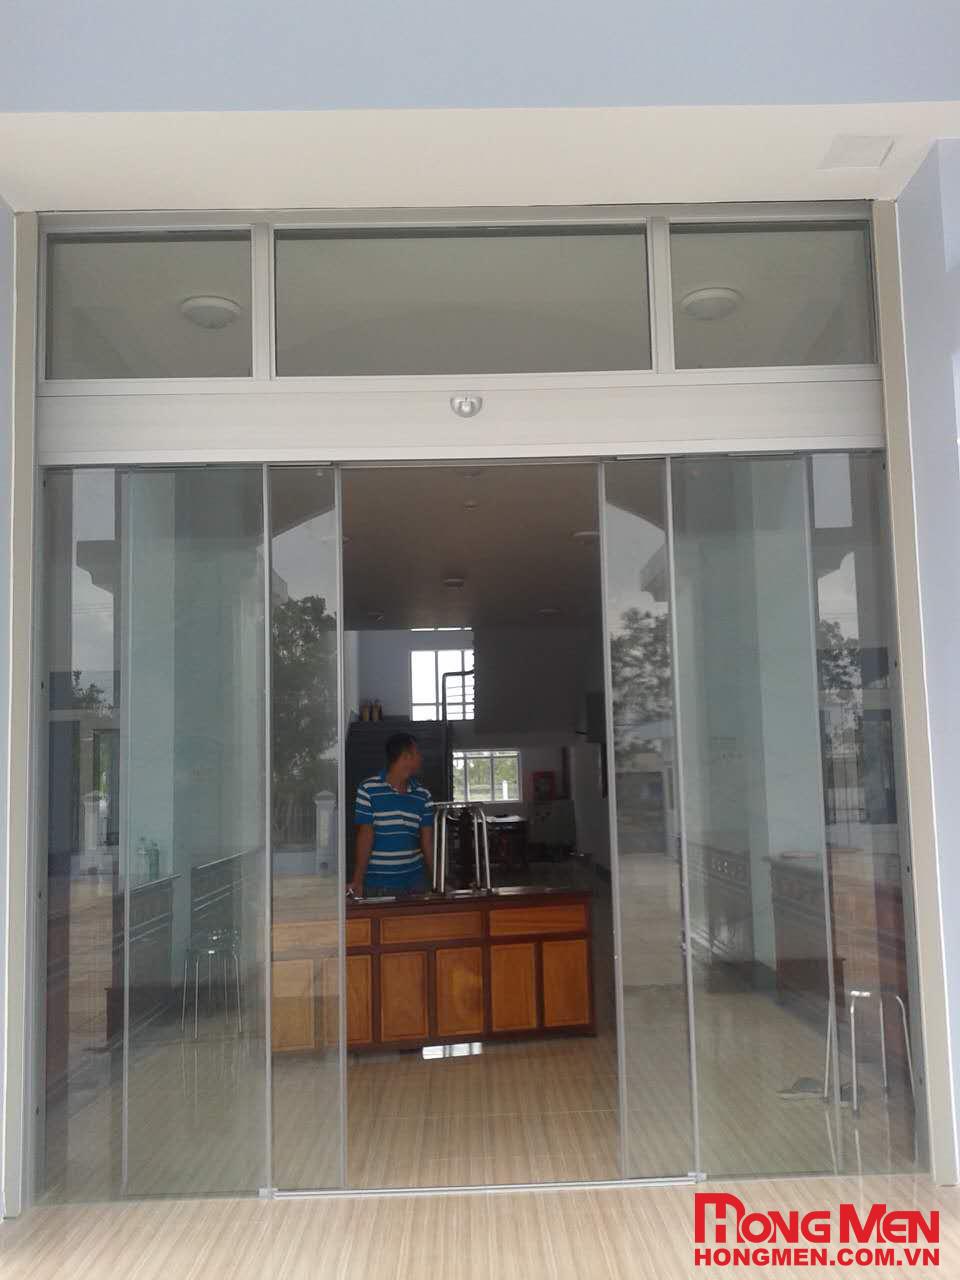 Lắp đặt cửa kính tự động Hồng môn tại Chi cục thuế huyện Thới Bình